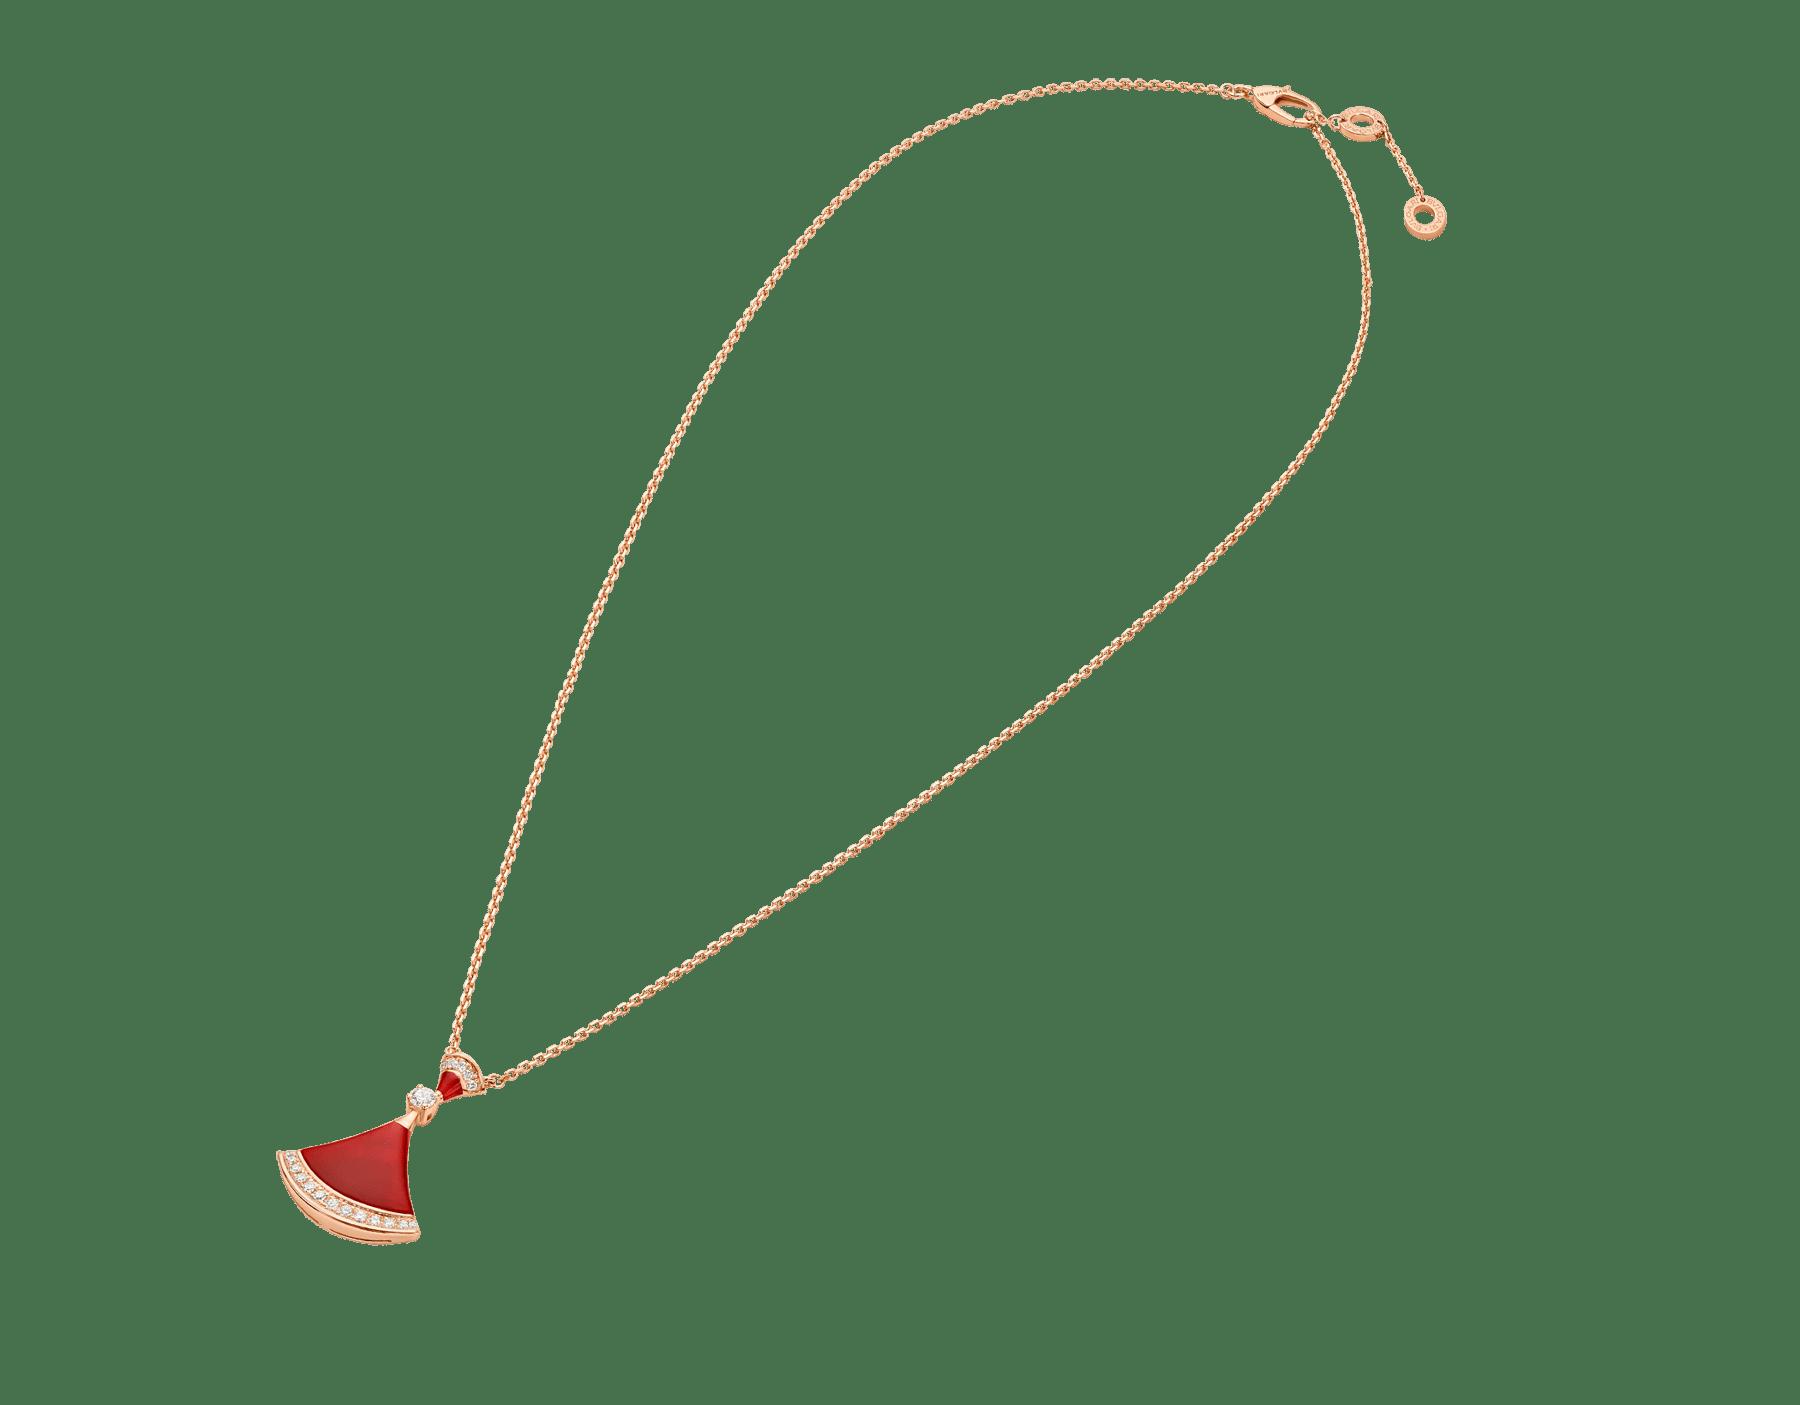 DIVAS' DREAM Halskette aus 18 Karat Roségold mit Karneol-Elementen, einem runden Diamanten im Brillantschliff und Diamant-Pavé 356437 image 2